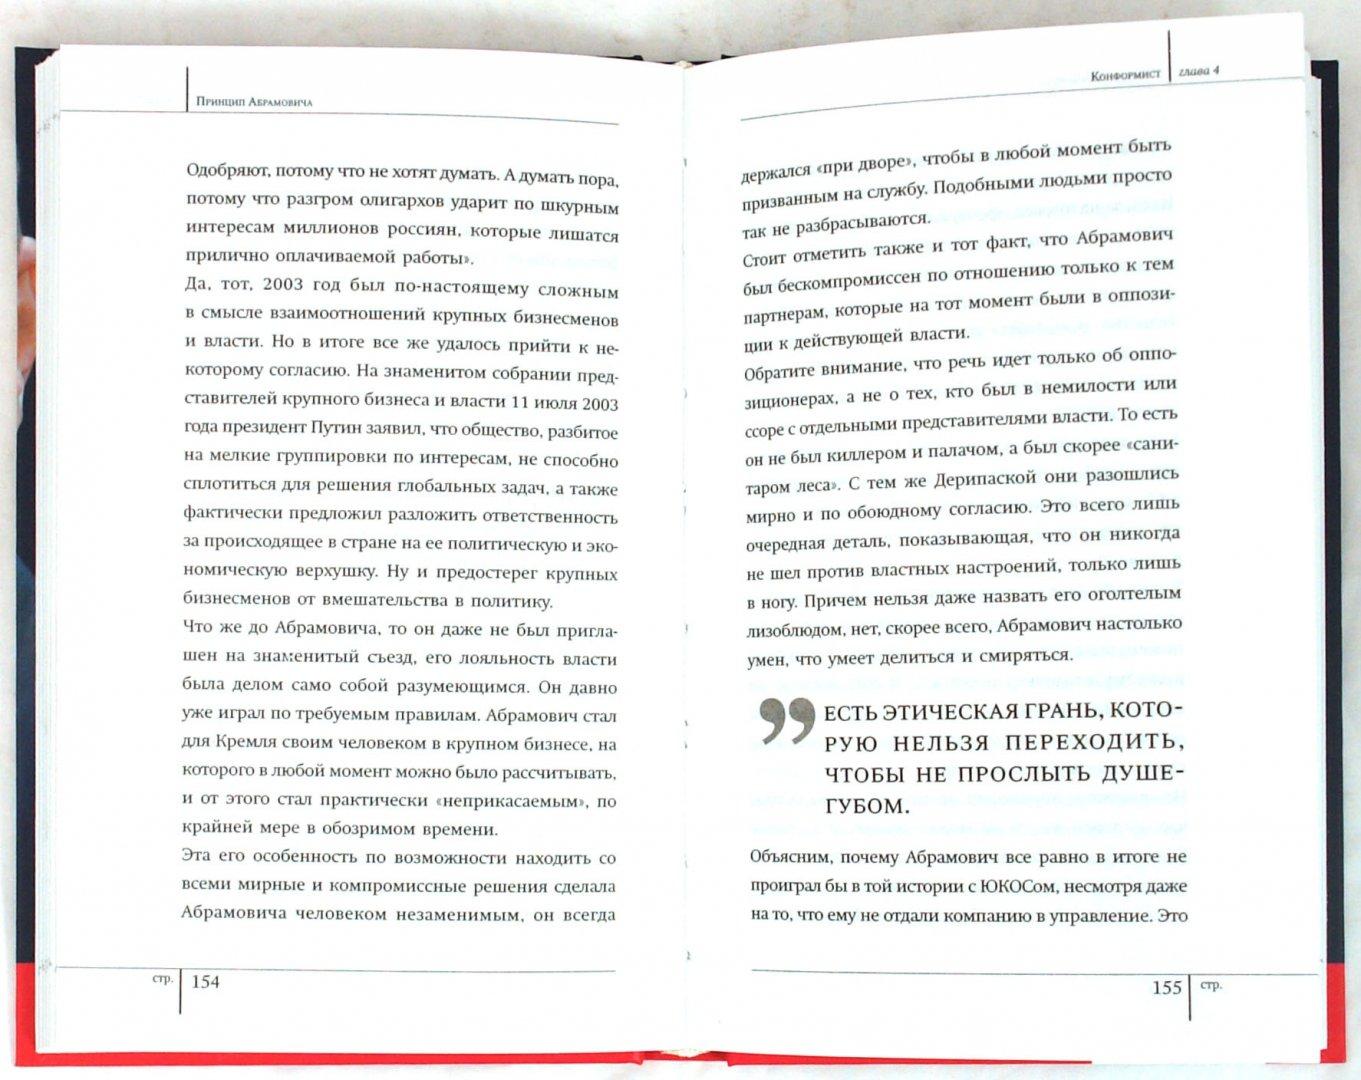 Иллюстрация 1 из 5 для Принцип Абрамовича. Талант делать деньги - Дорофеев, Костылева | Лабиринт - книги. Источник: Лабиринт